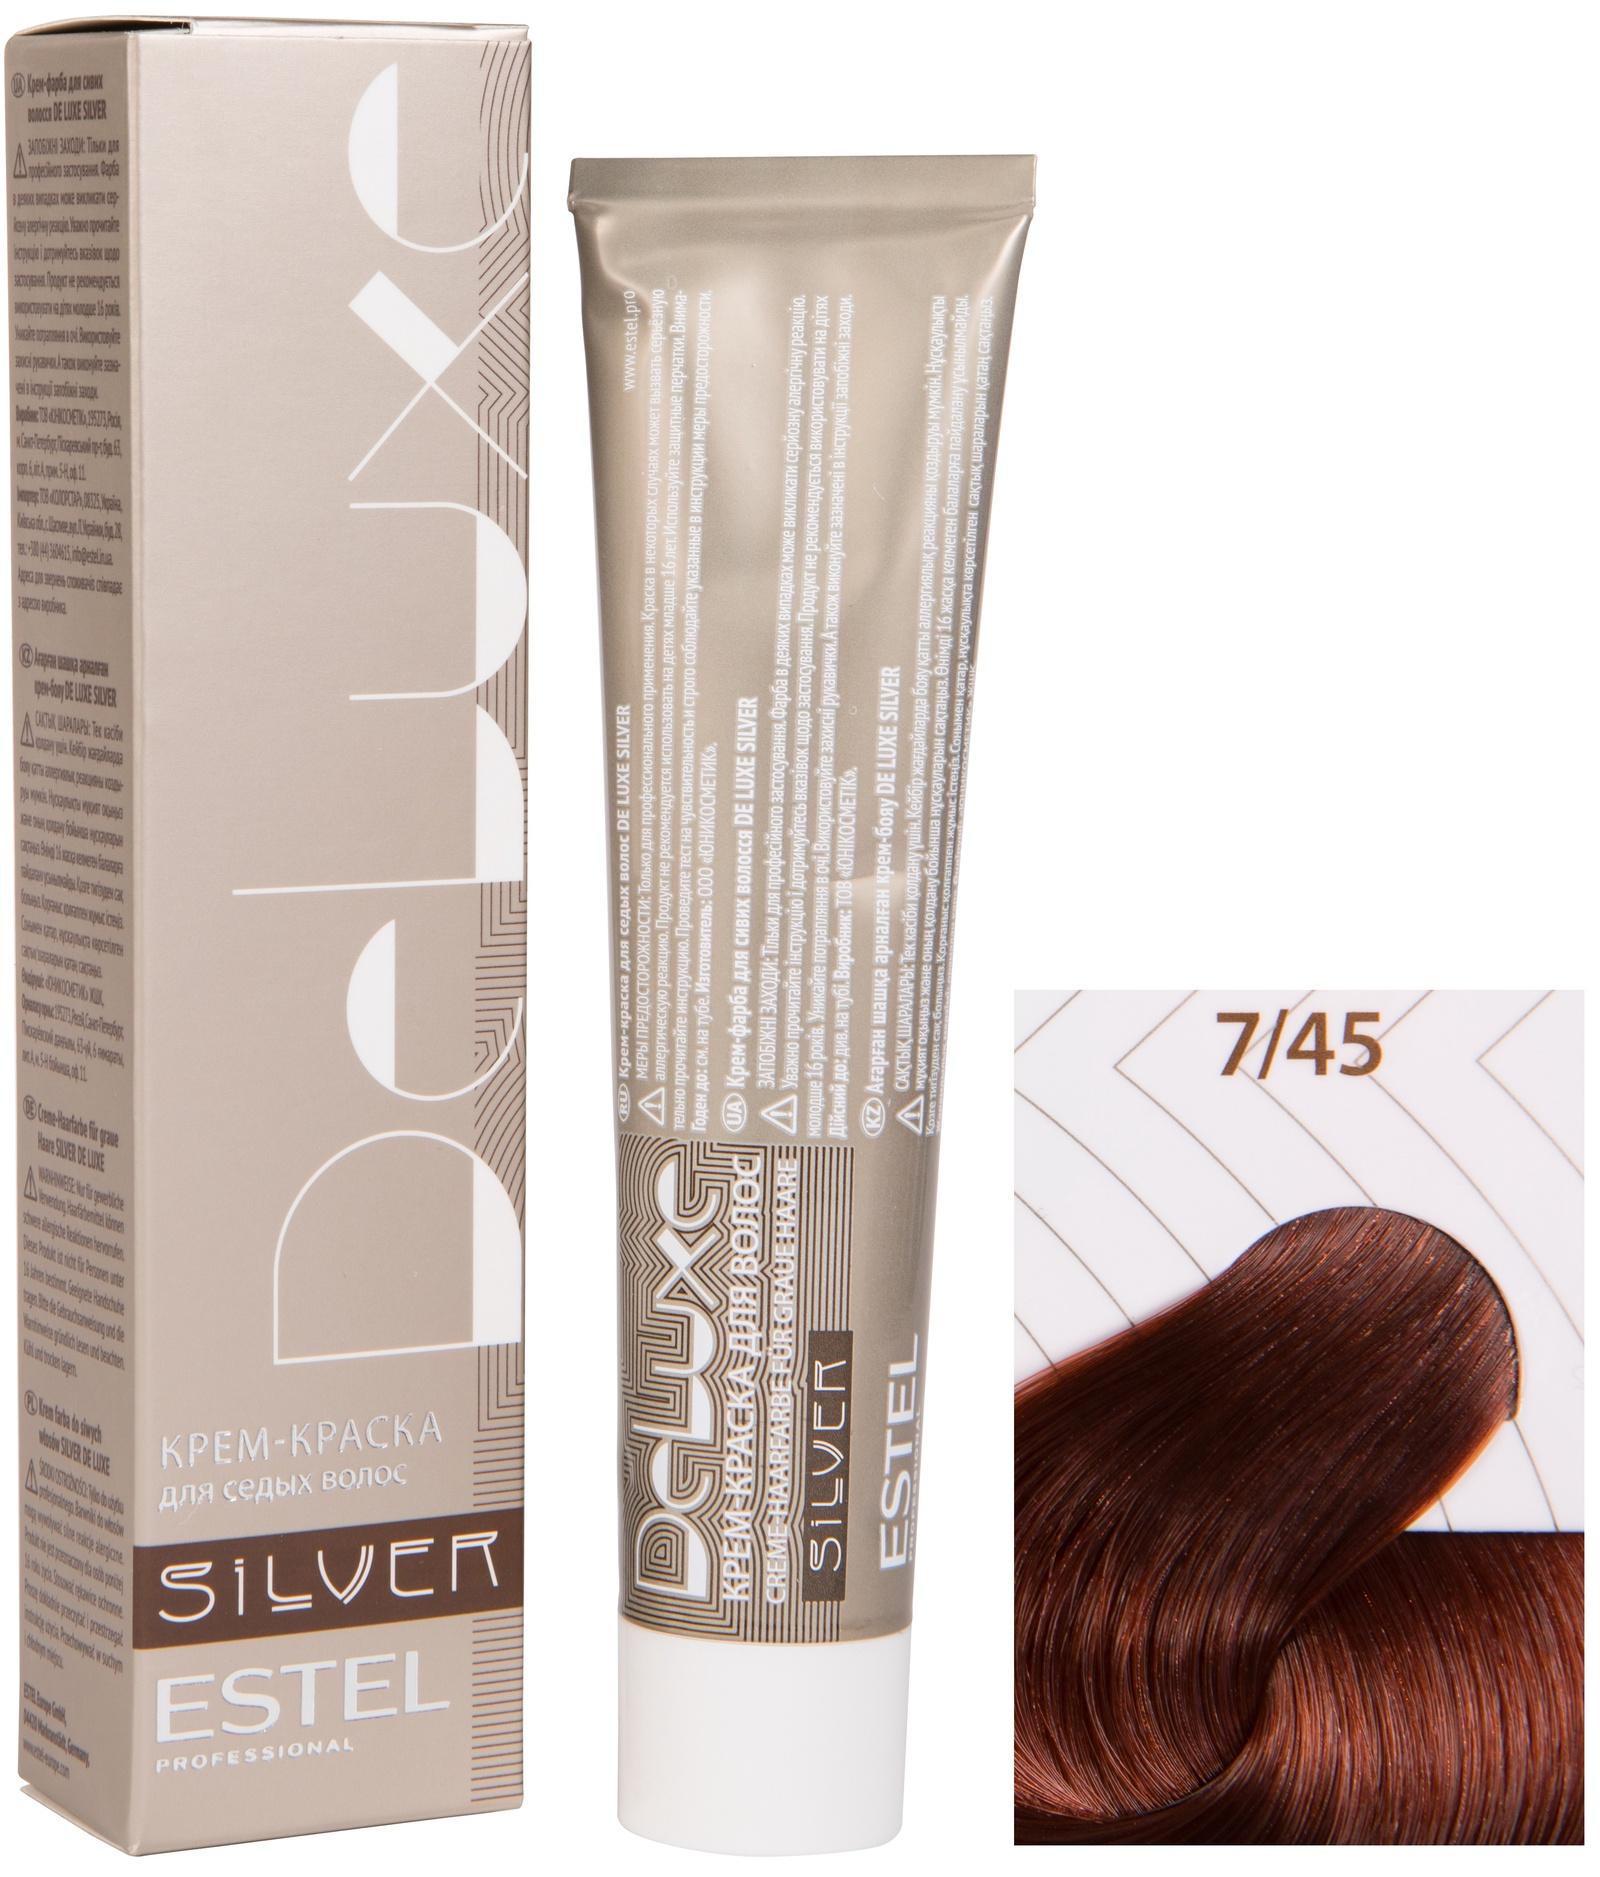 Краска для волос ESTEL PROFESSIONAL 7/45 краска-уход DE LUXE SILVER для окрашивания волос, русый медно-красный 60 мл